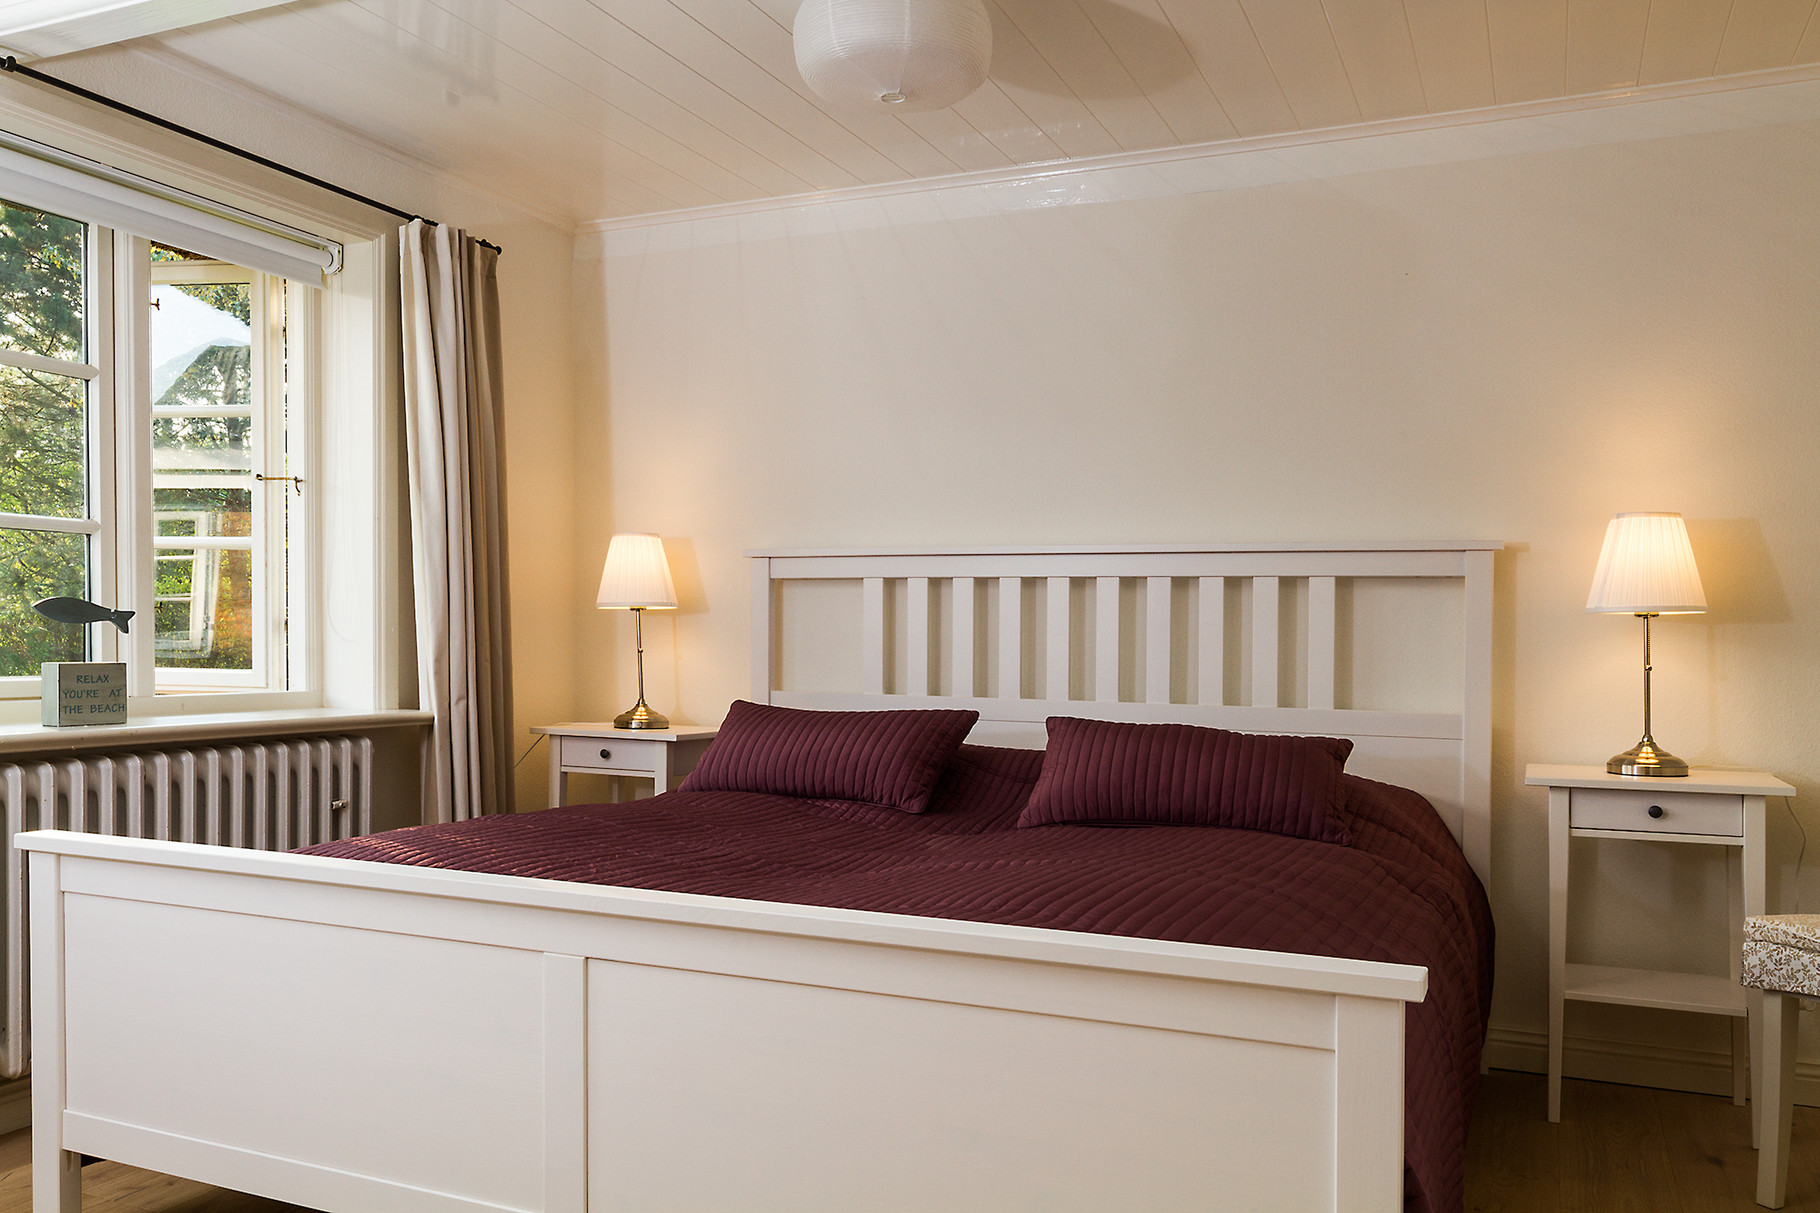 Schlafbereich in einem Ferienhaus.